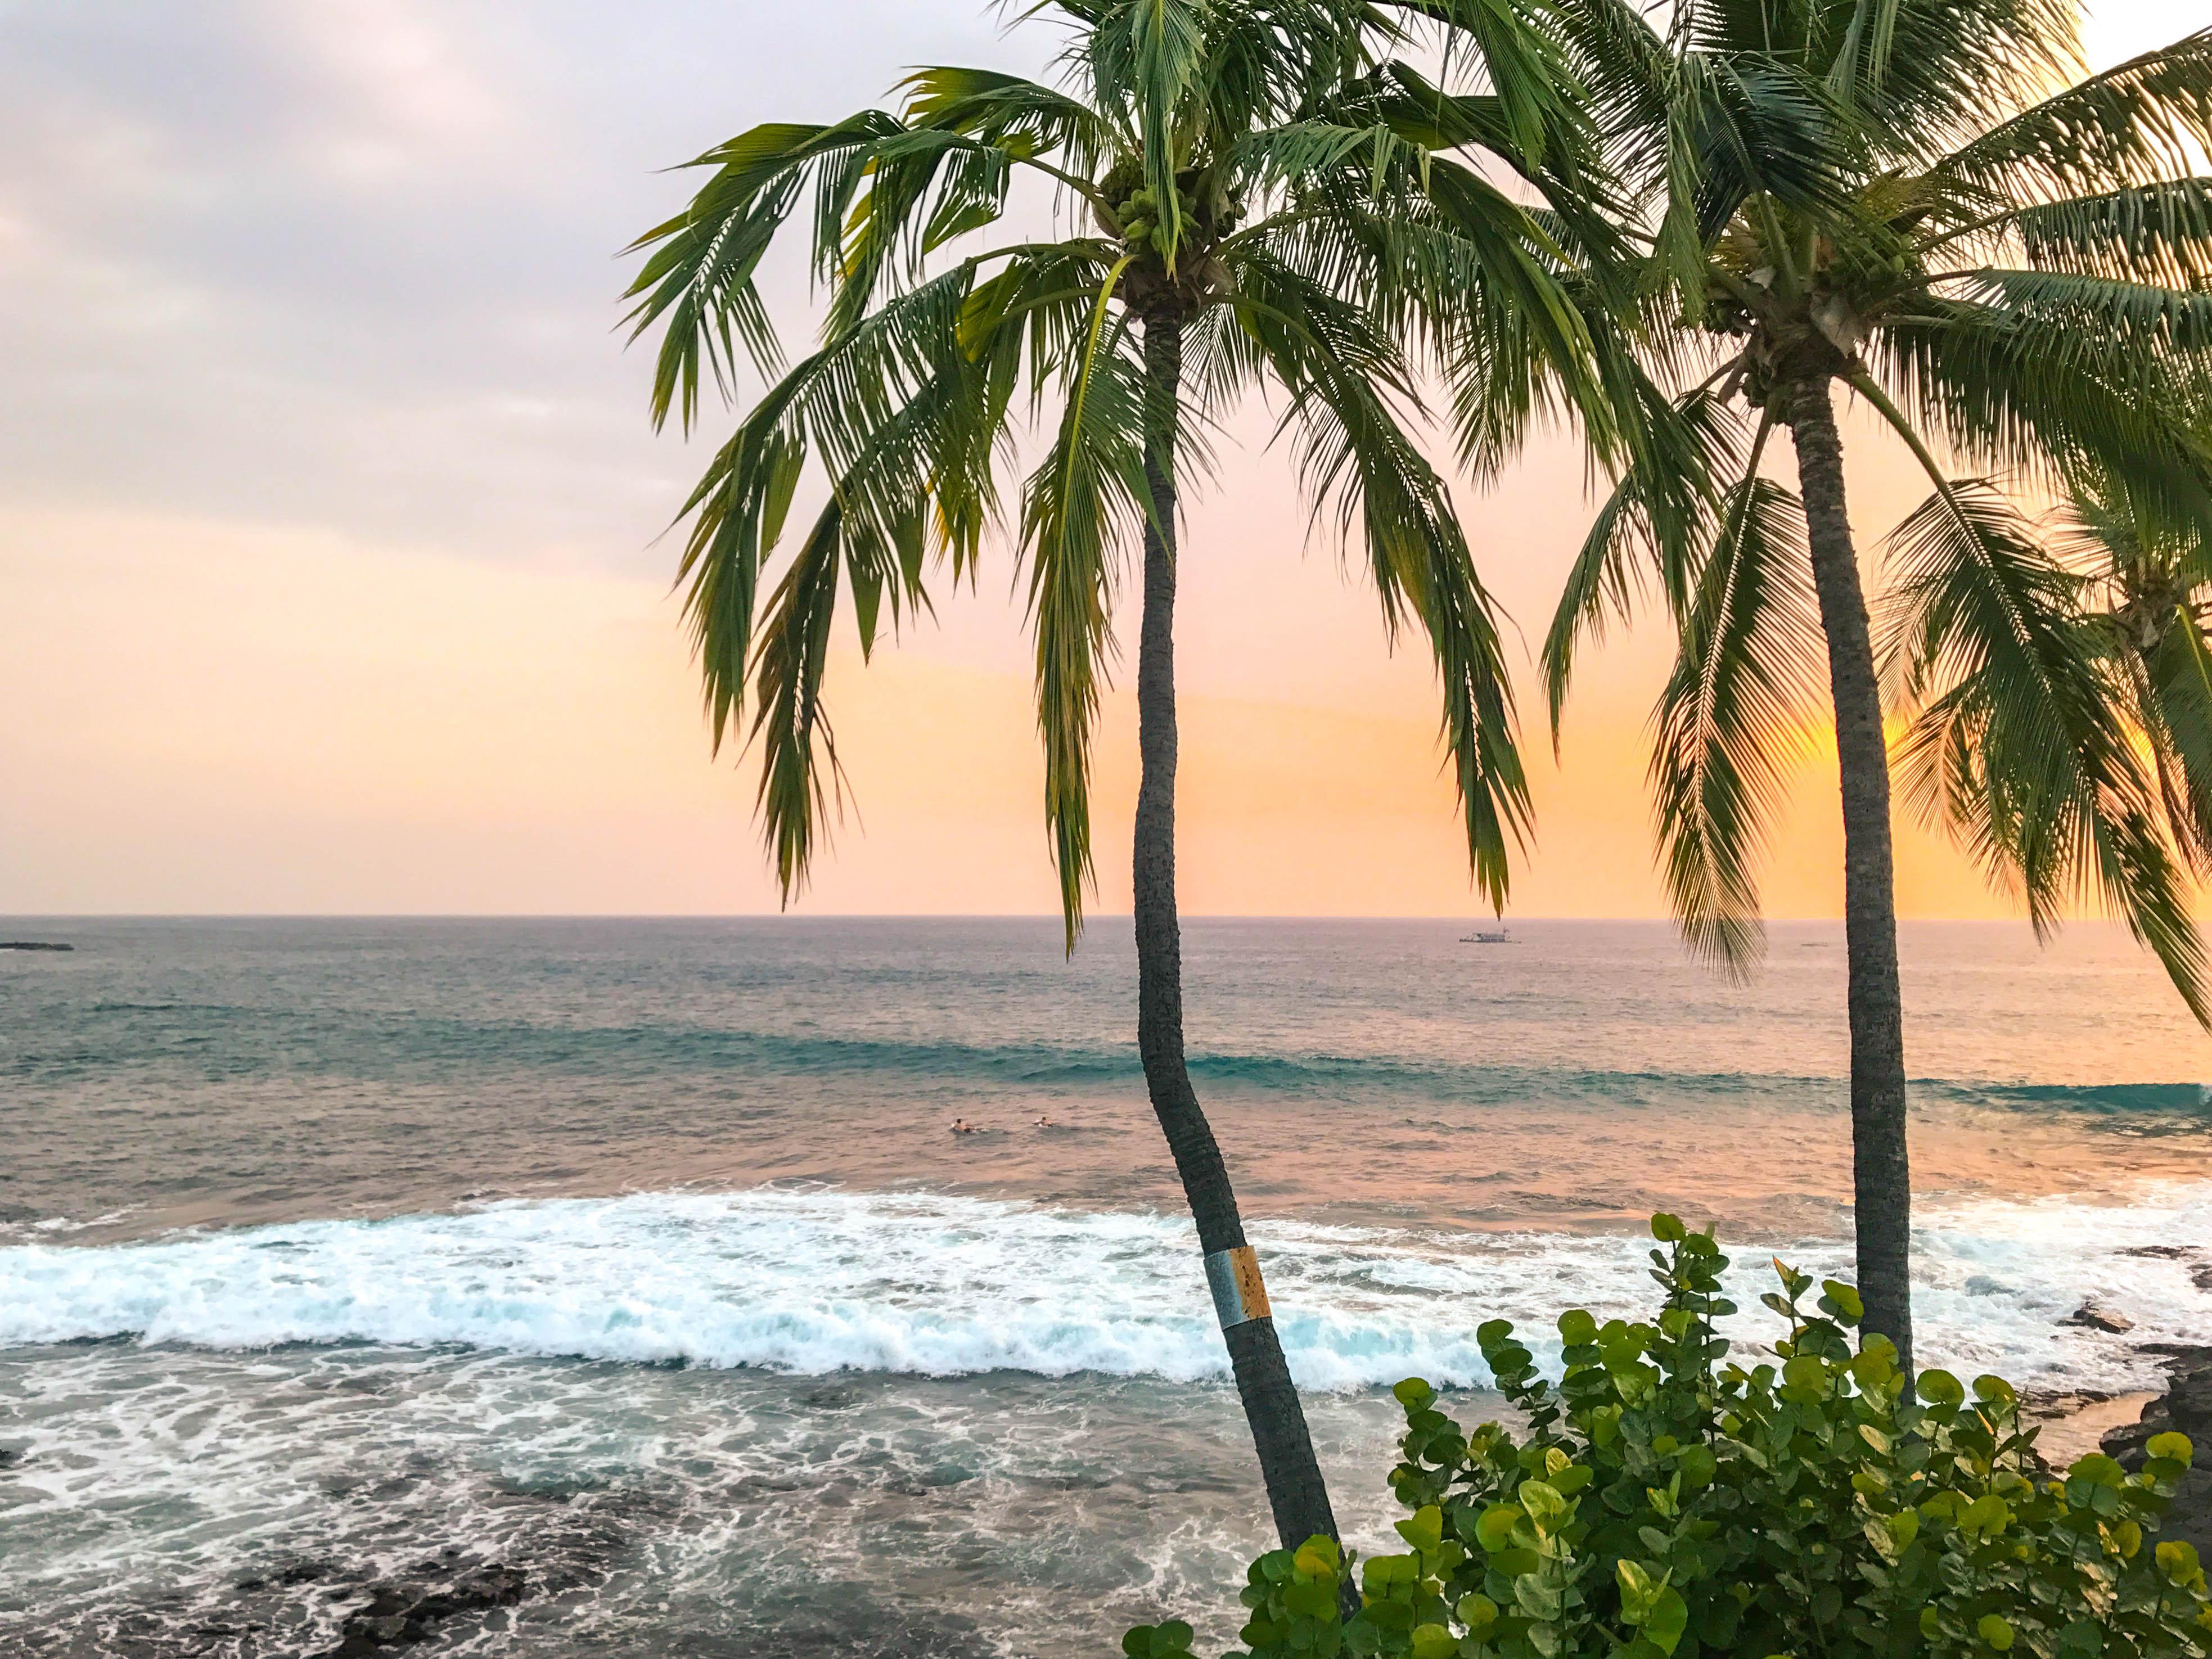 Mis waterfront bistro kona Hawaii